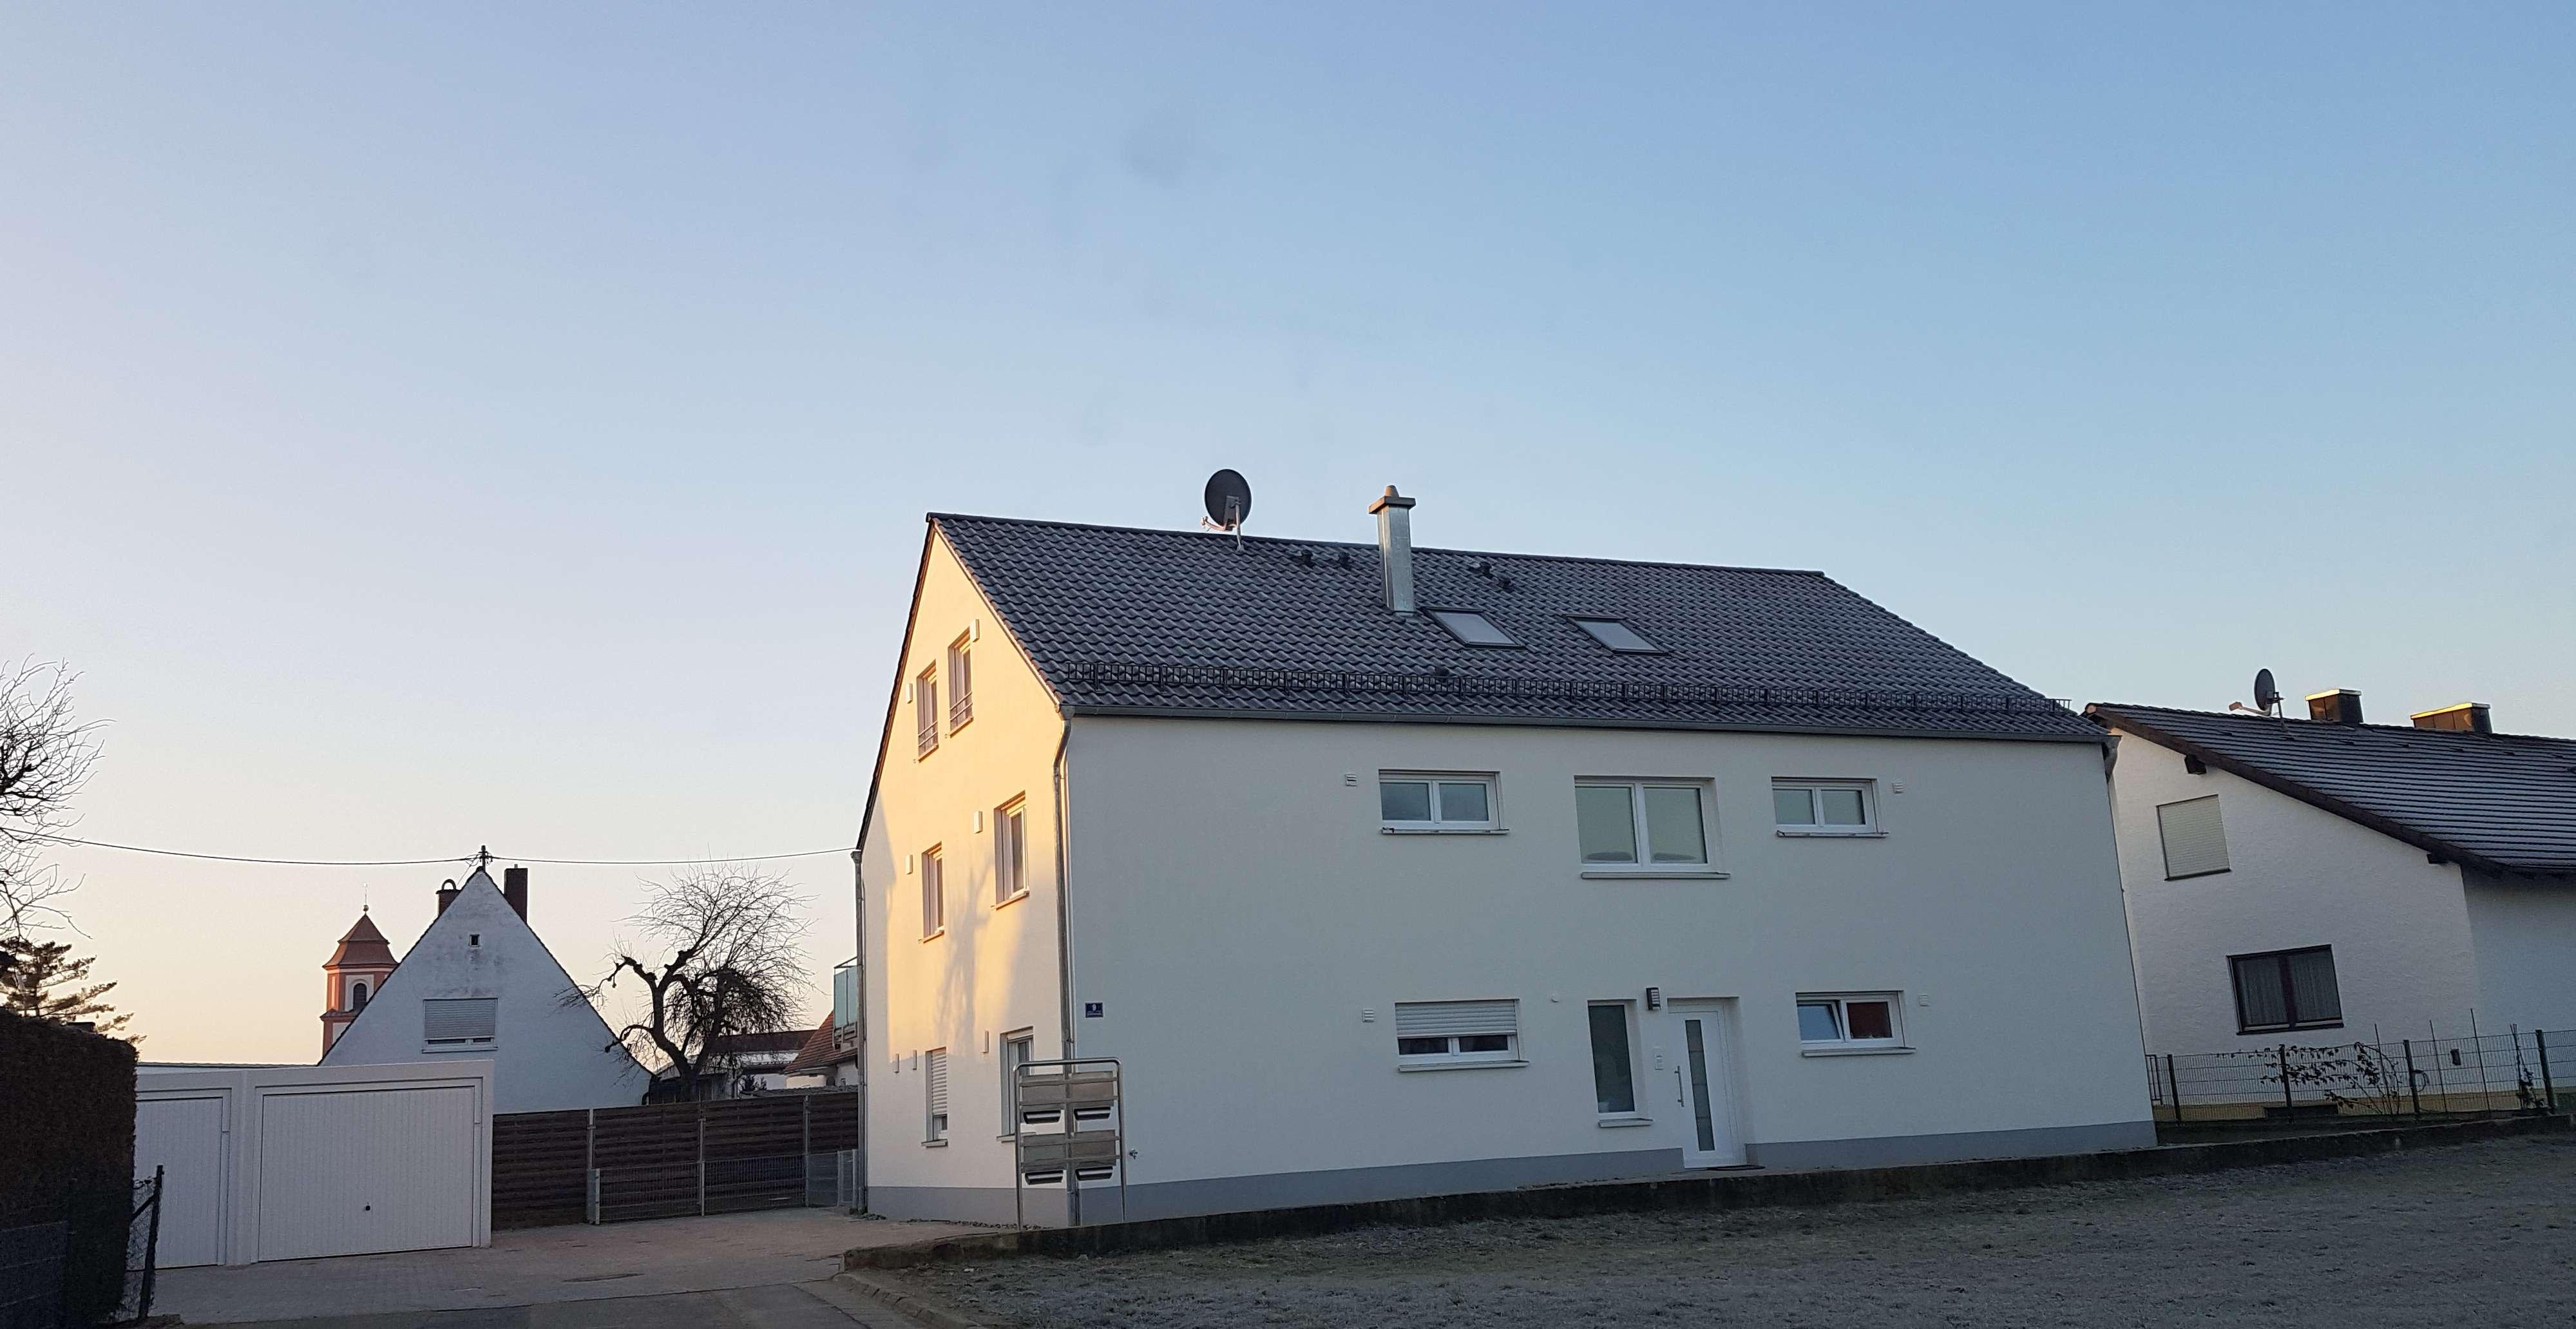 Neubau: sehr helle, geräumige 4-Zimmer-Maisonette-Wohnung mit großem Süd-Balkon in Ingolstadt in Etting